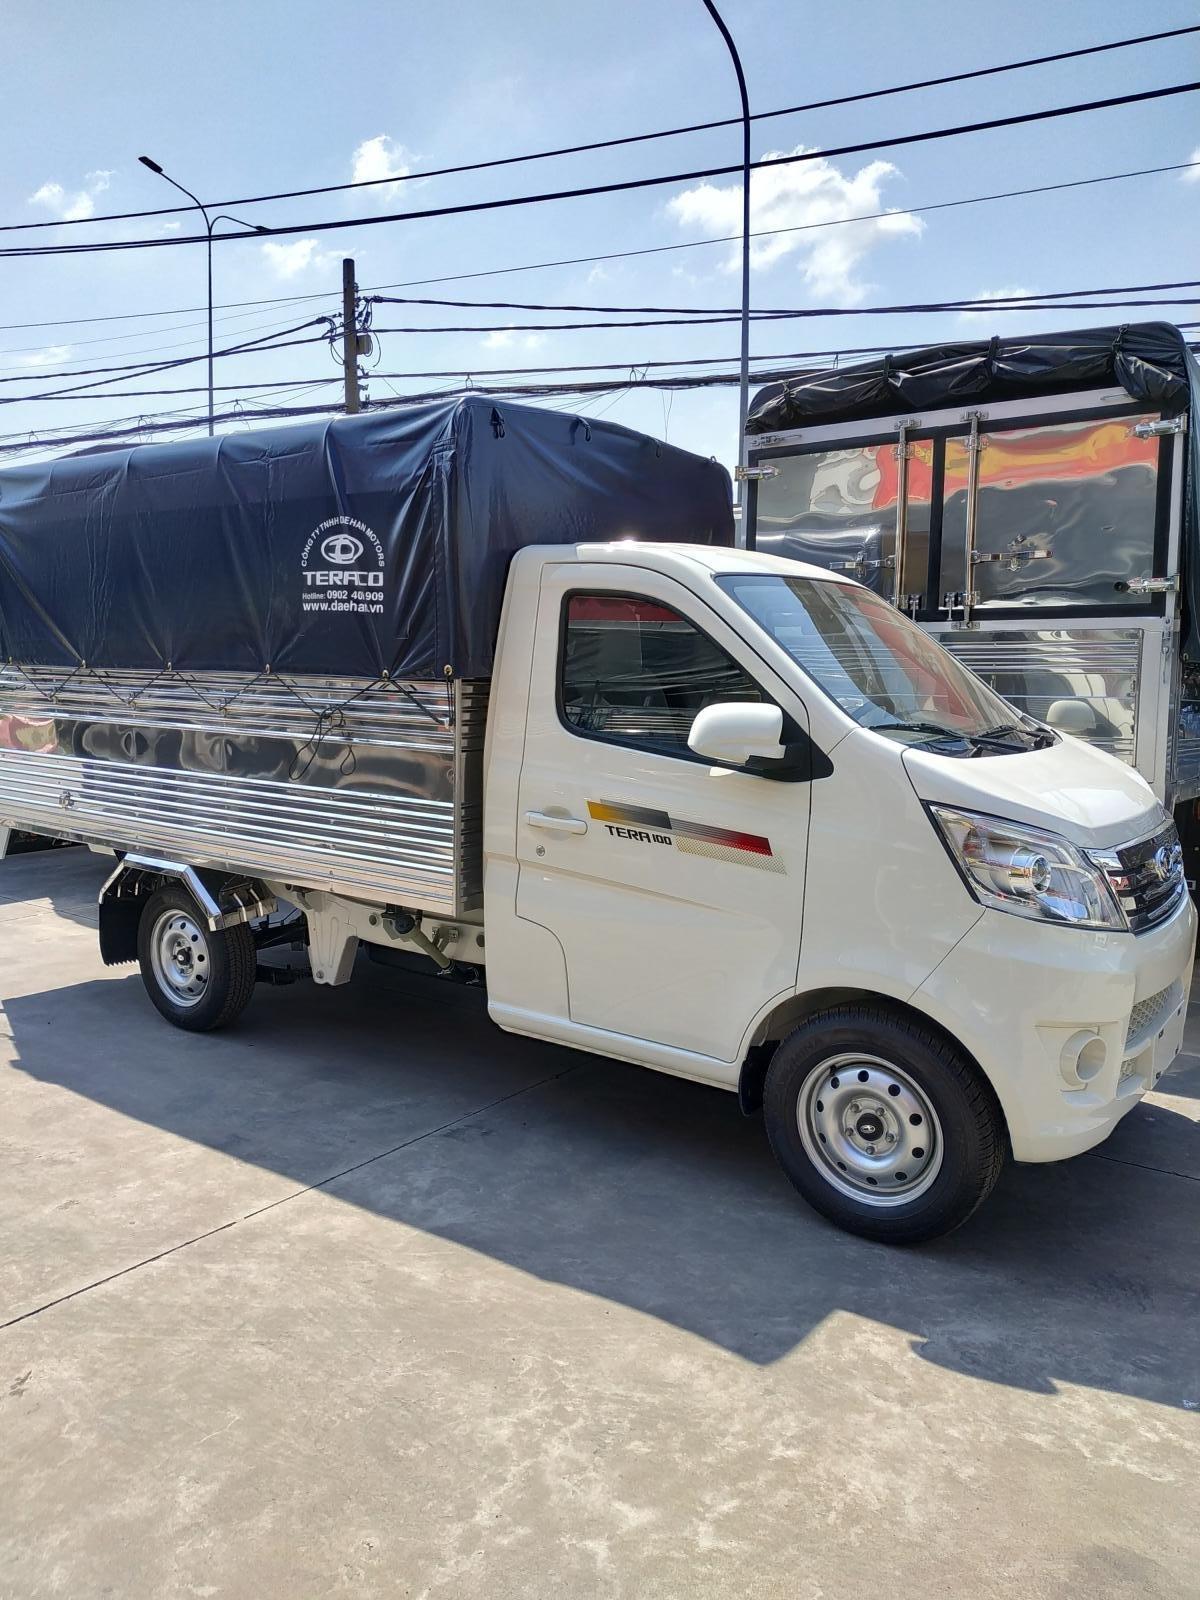 Bán xe Daehan Teraco 100 động cơ Mitsubishi Tech 1.3L - Ưu đãi lớn giảm tiền mặt lên đến 5 triệu đồng  (4)